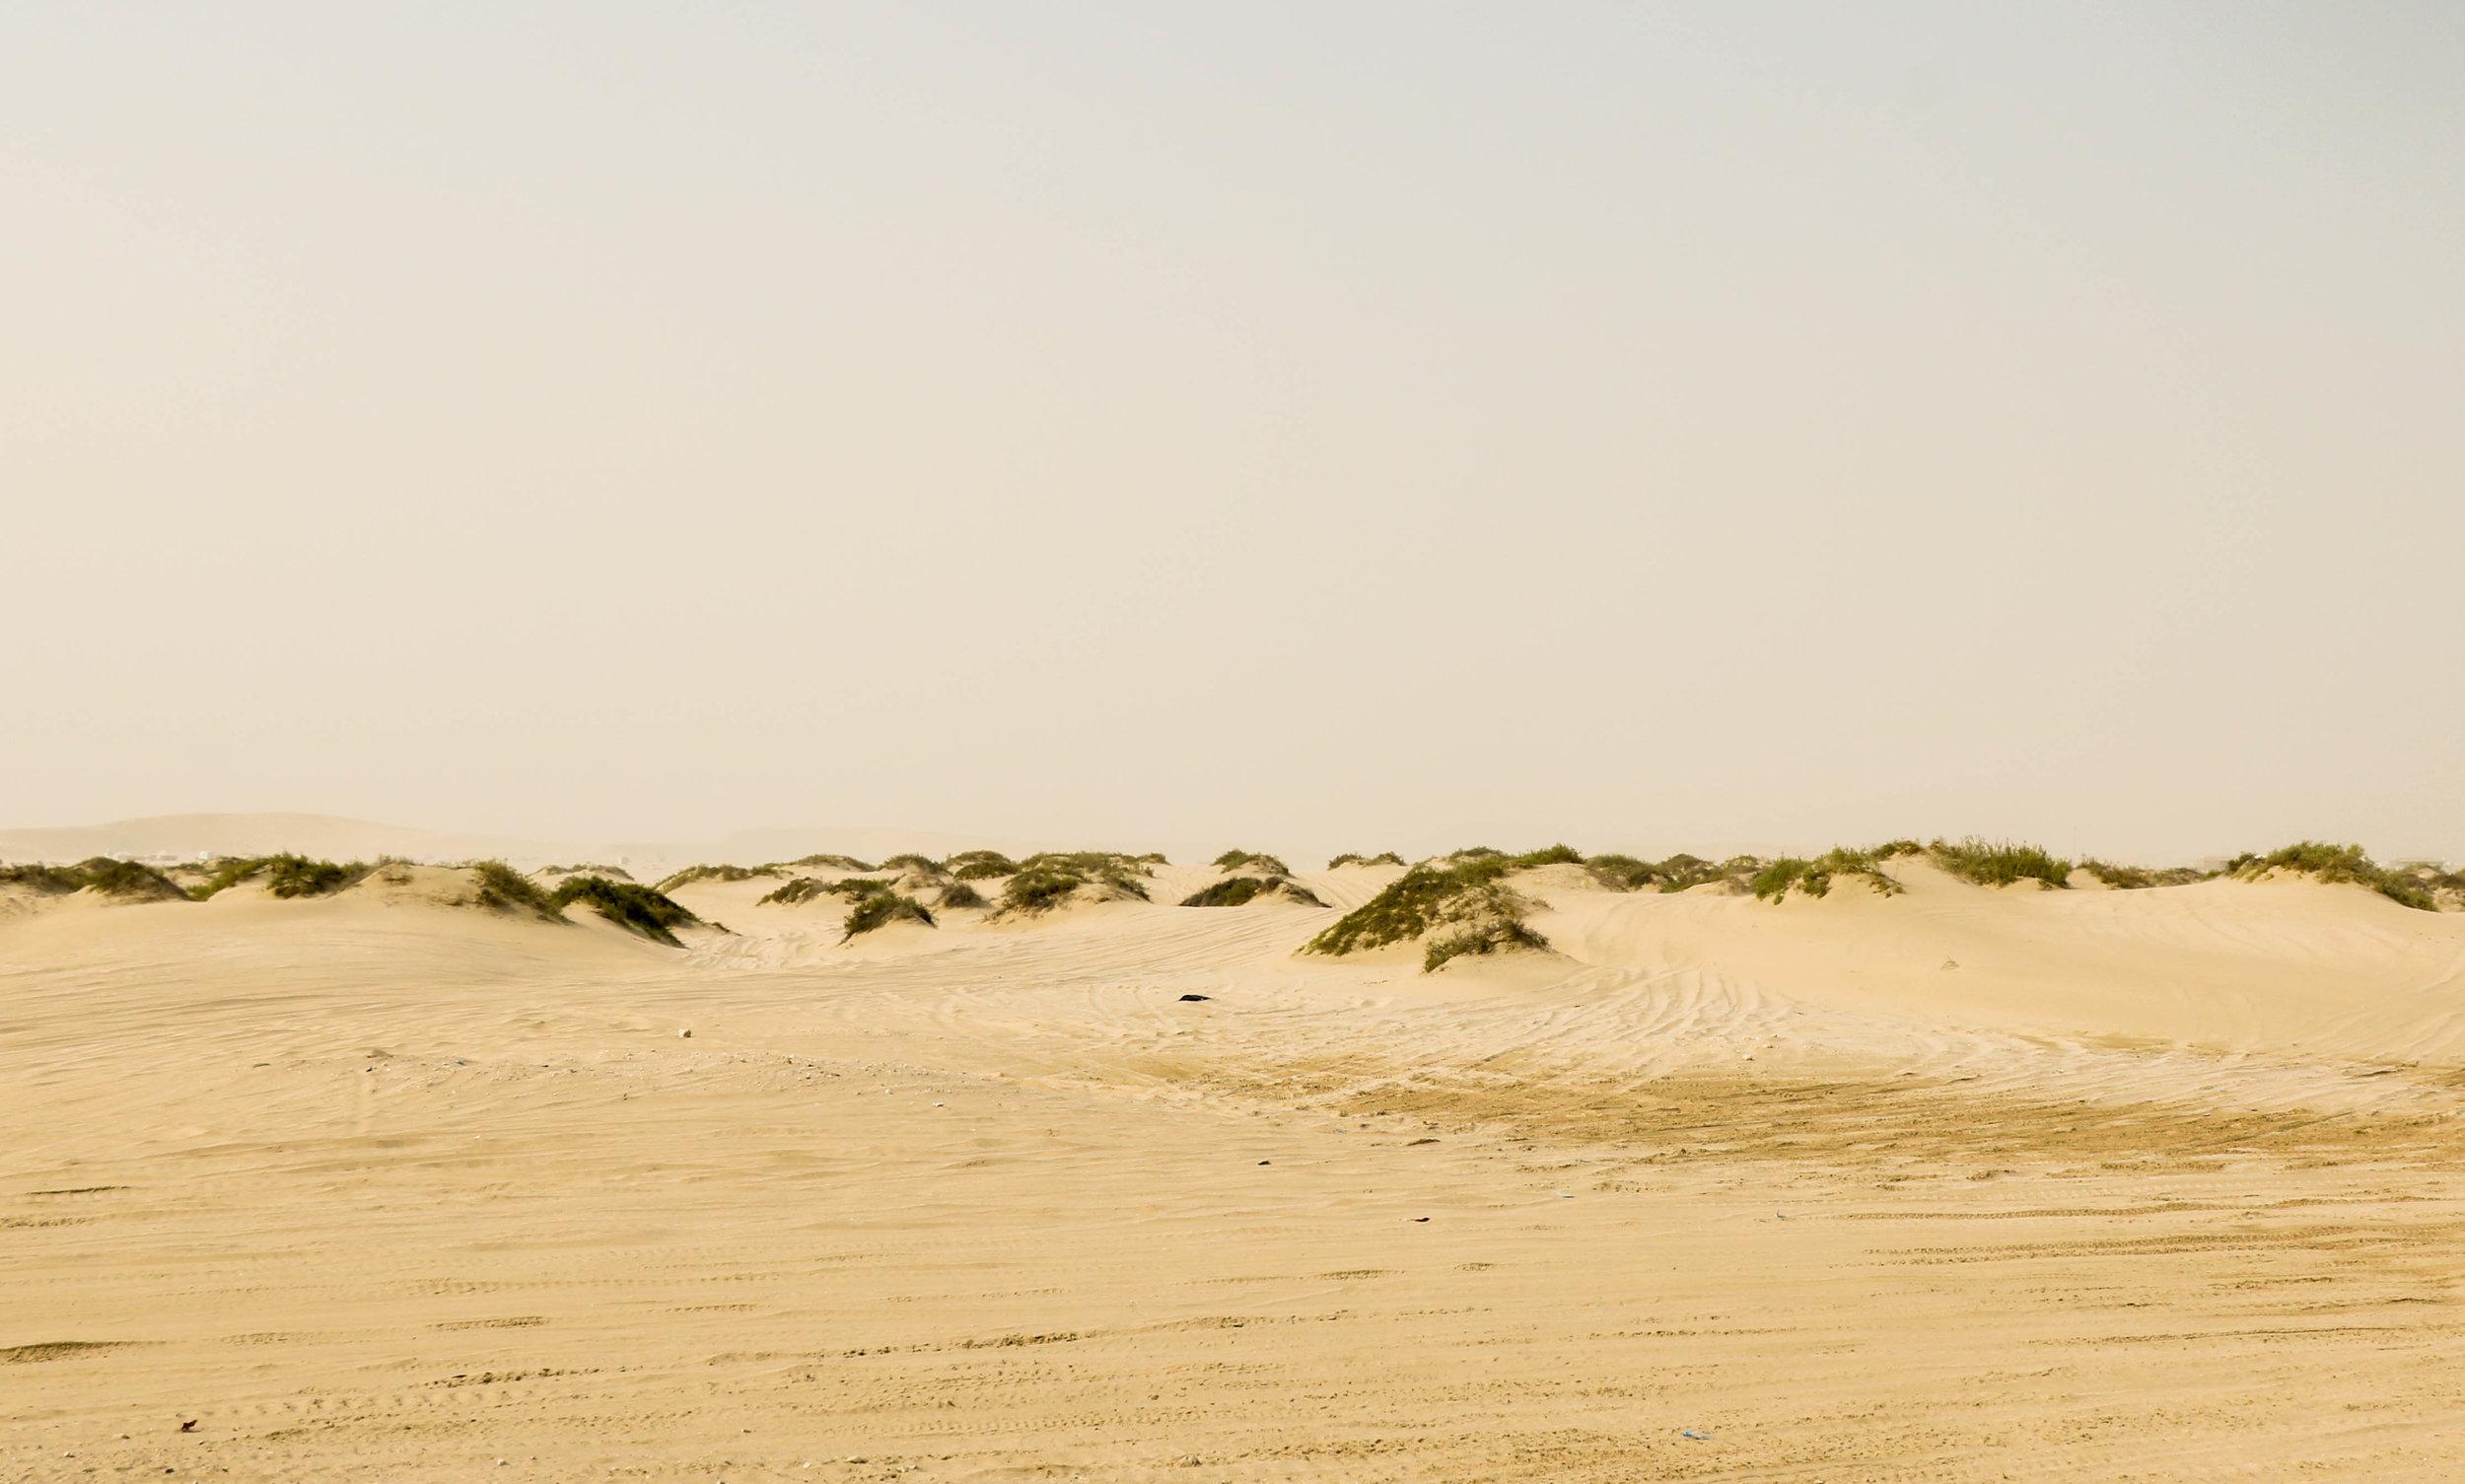 Oblique Deserts